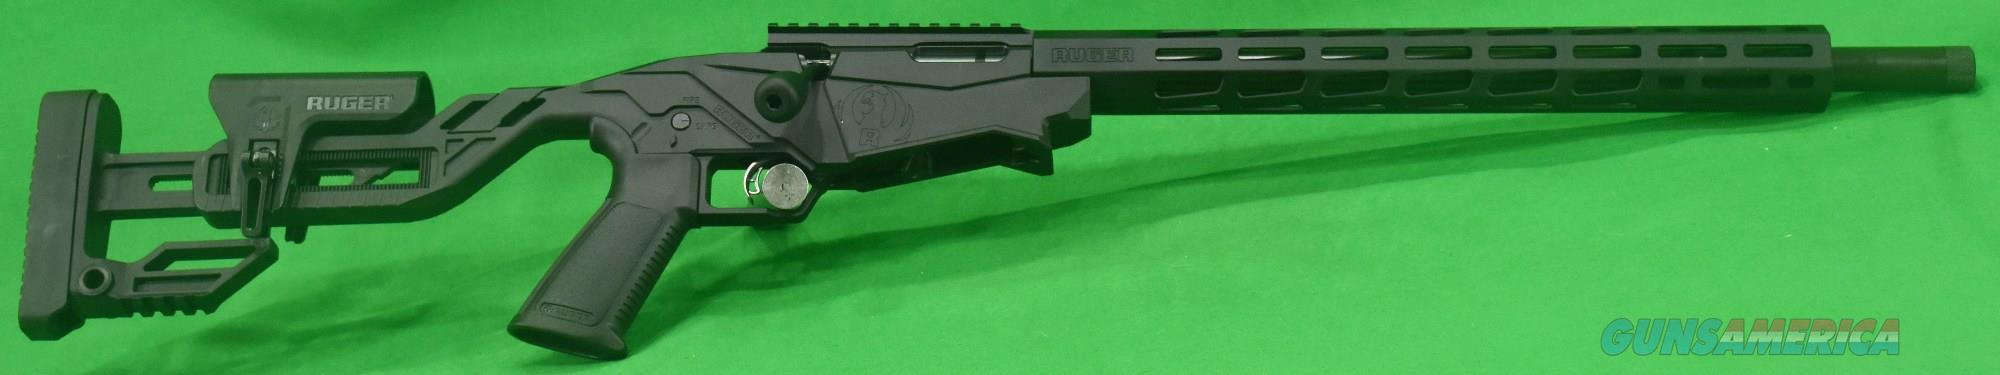 Precision Rimfire 22LR 18In  8400  Guns > Pistols > S Misc Pistols